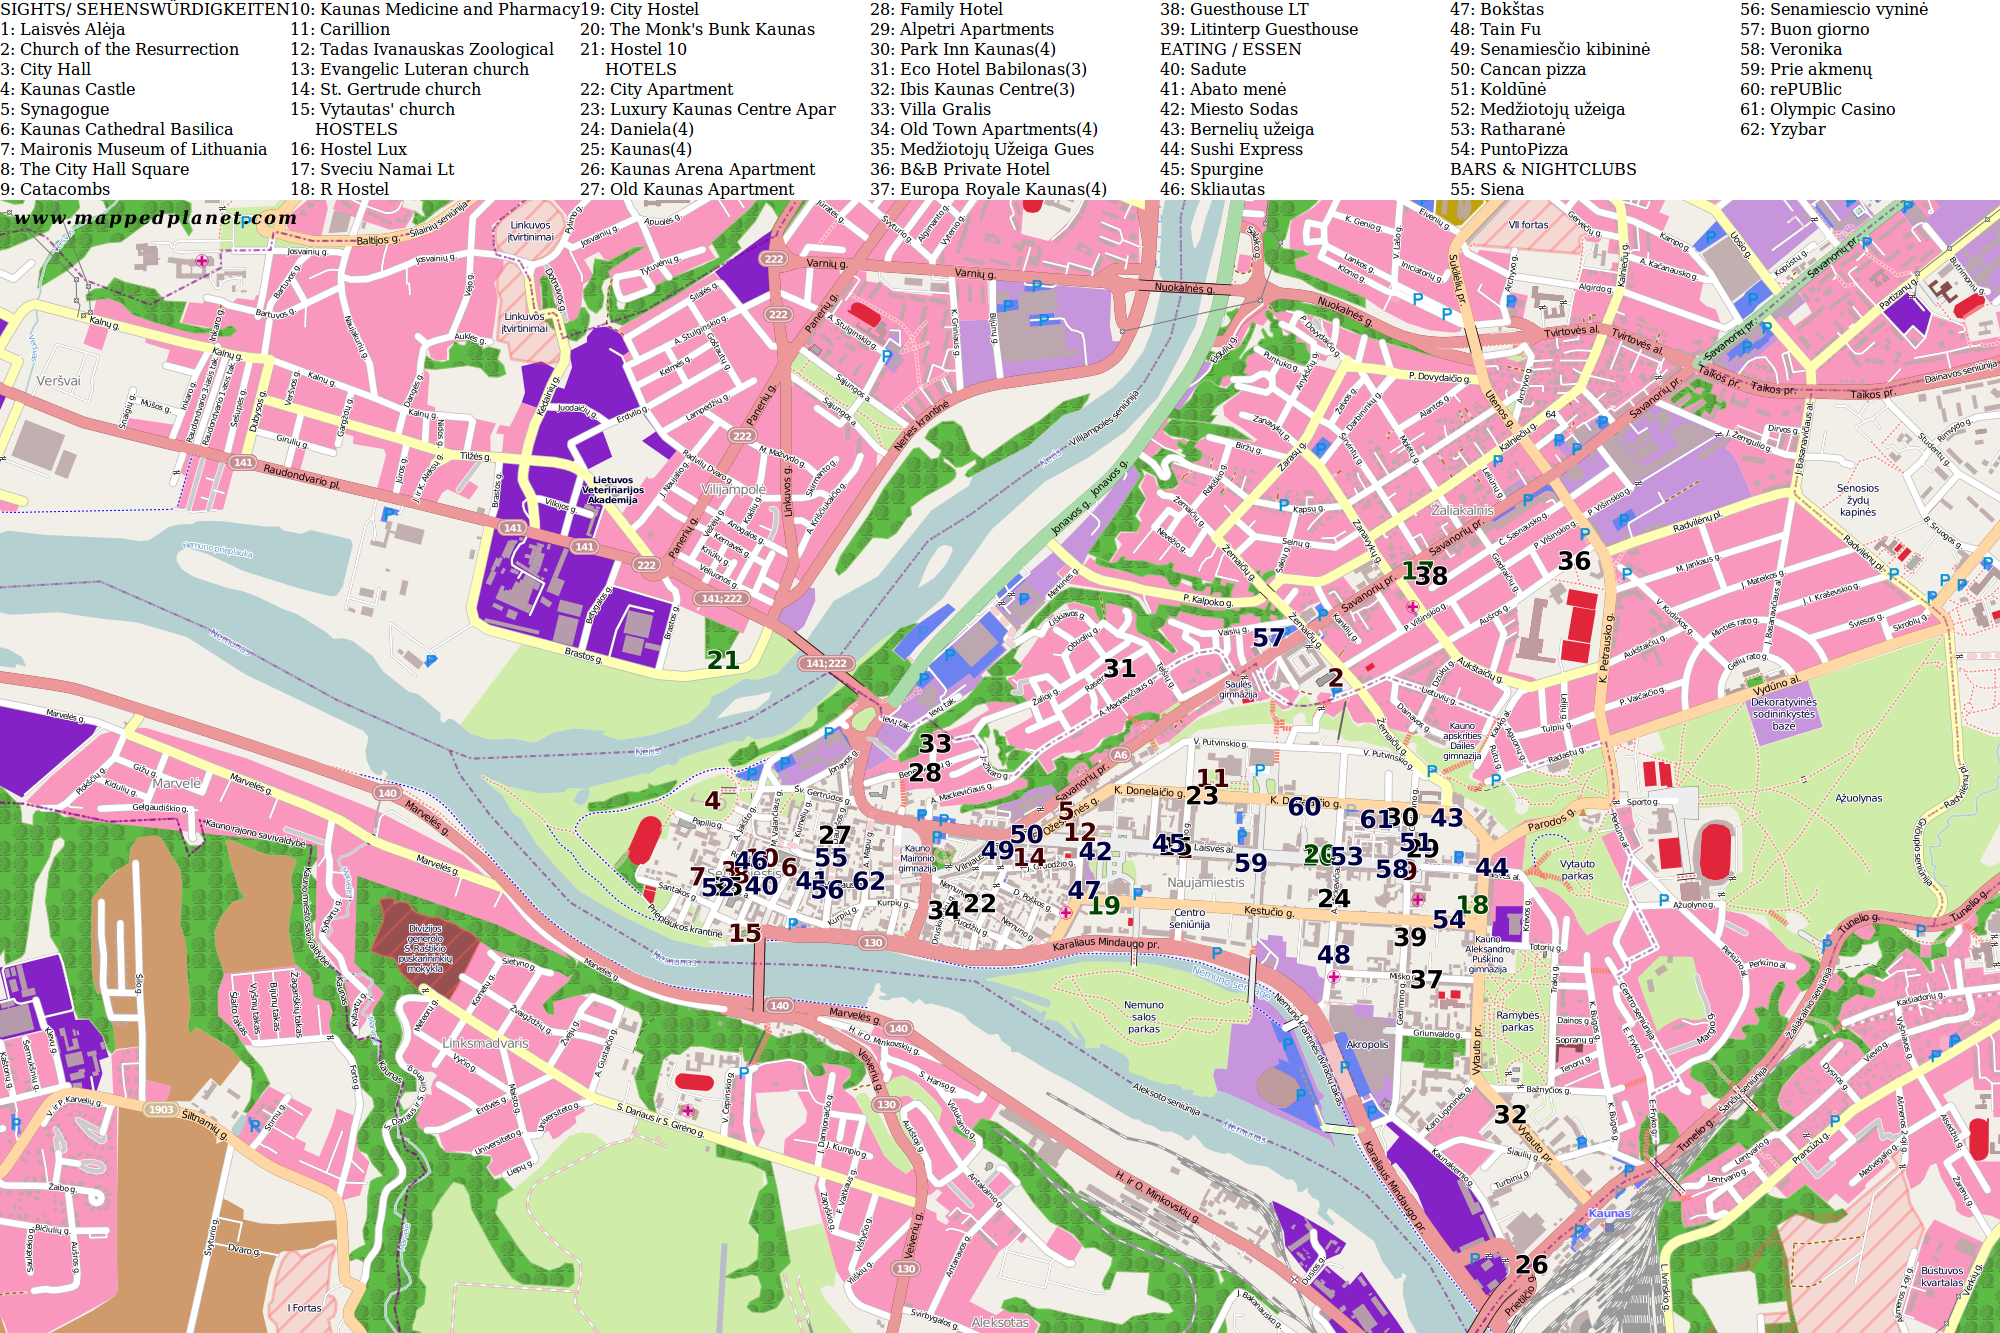 City maps Kaunas: http://www.mappedplanet.com/citymaps-536-Kaunas